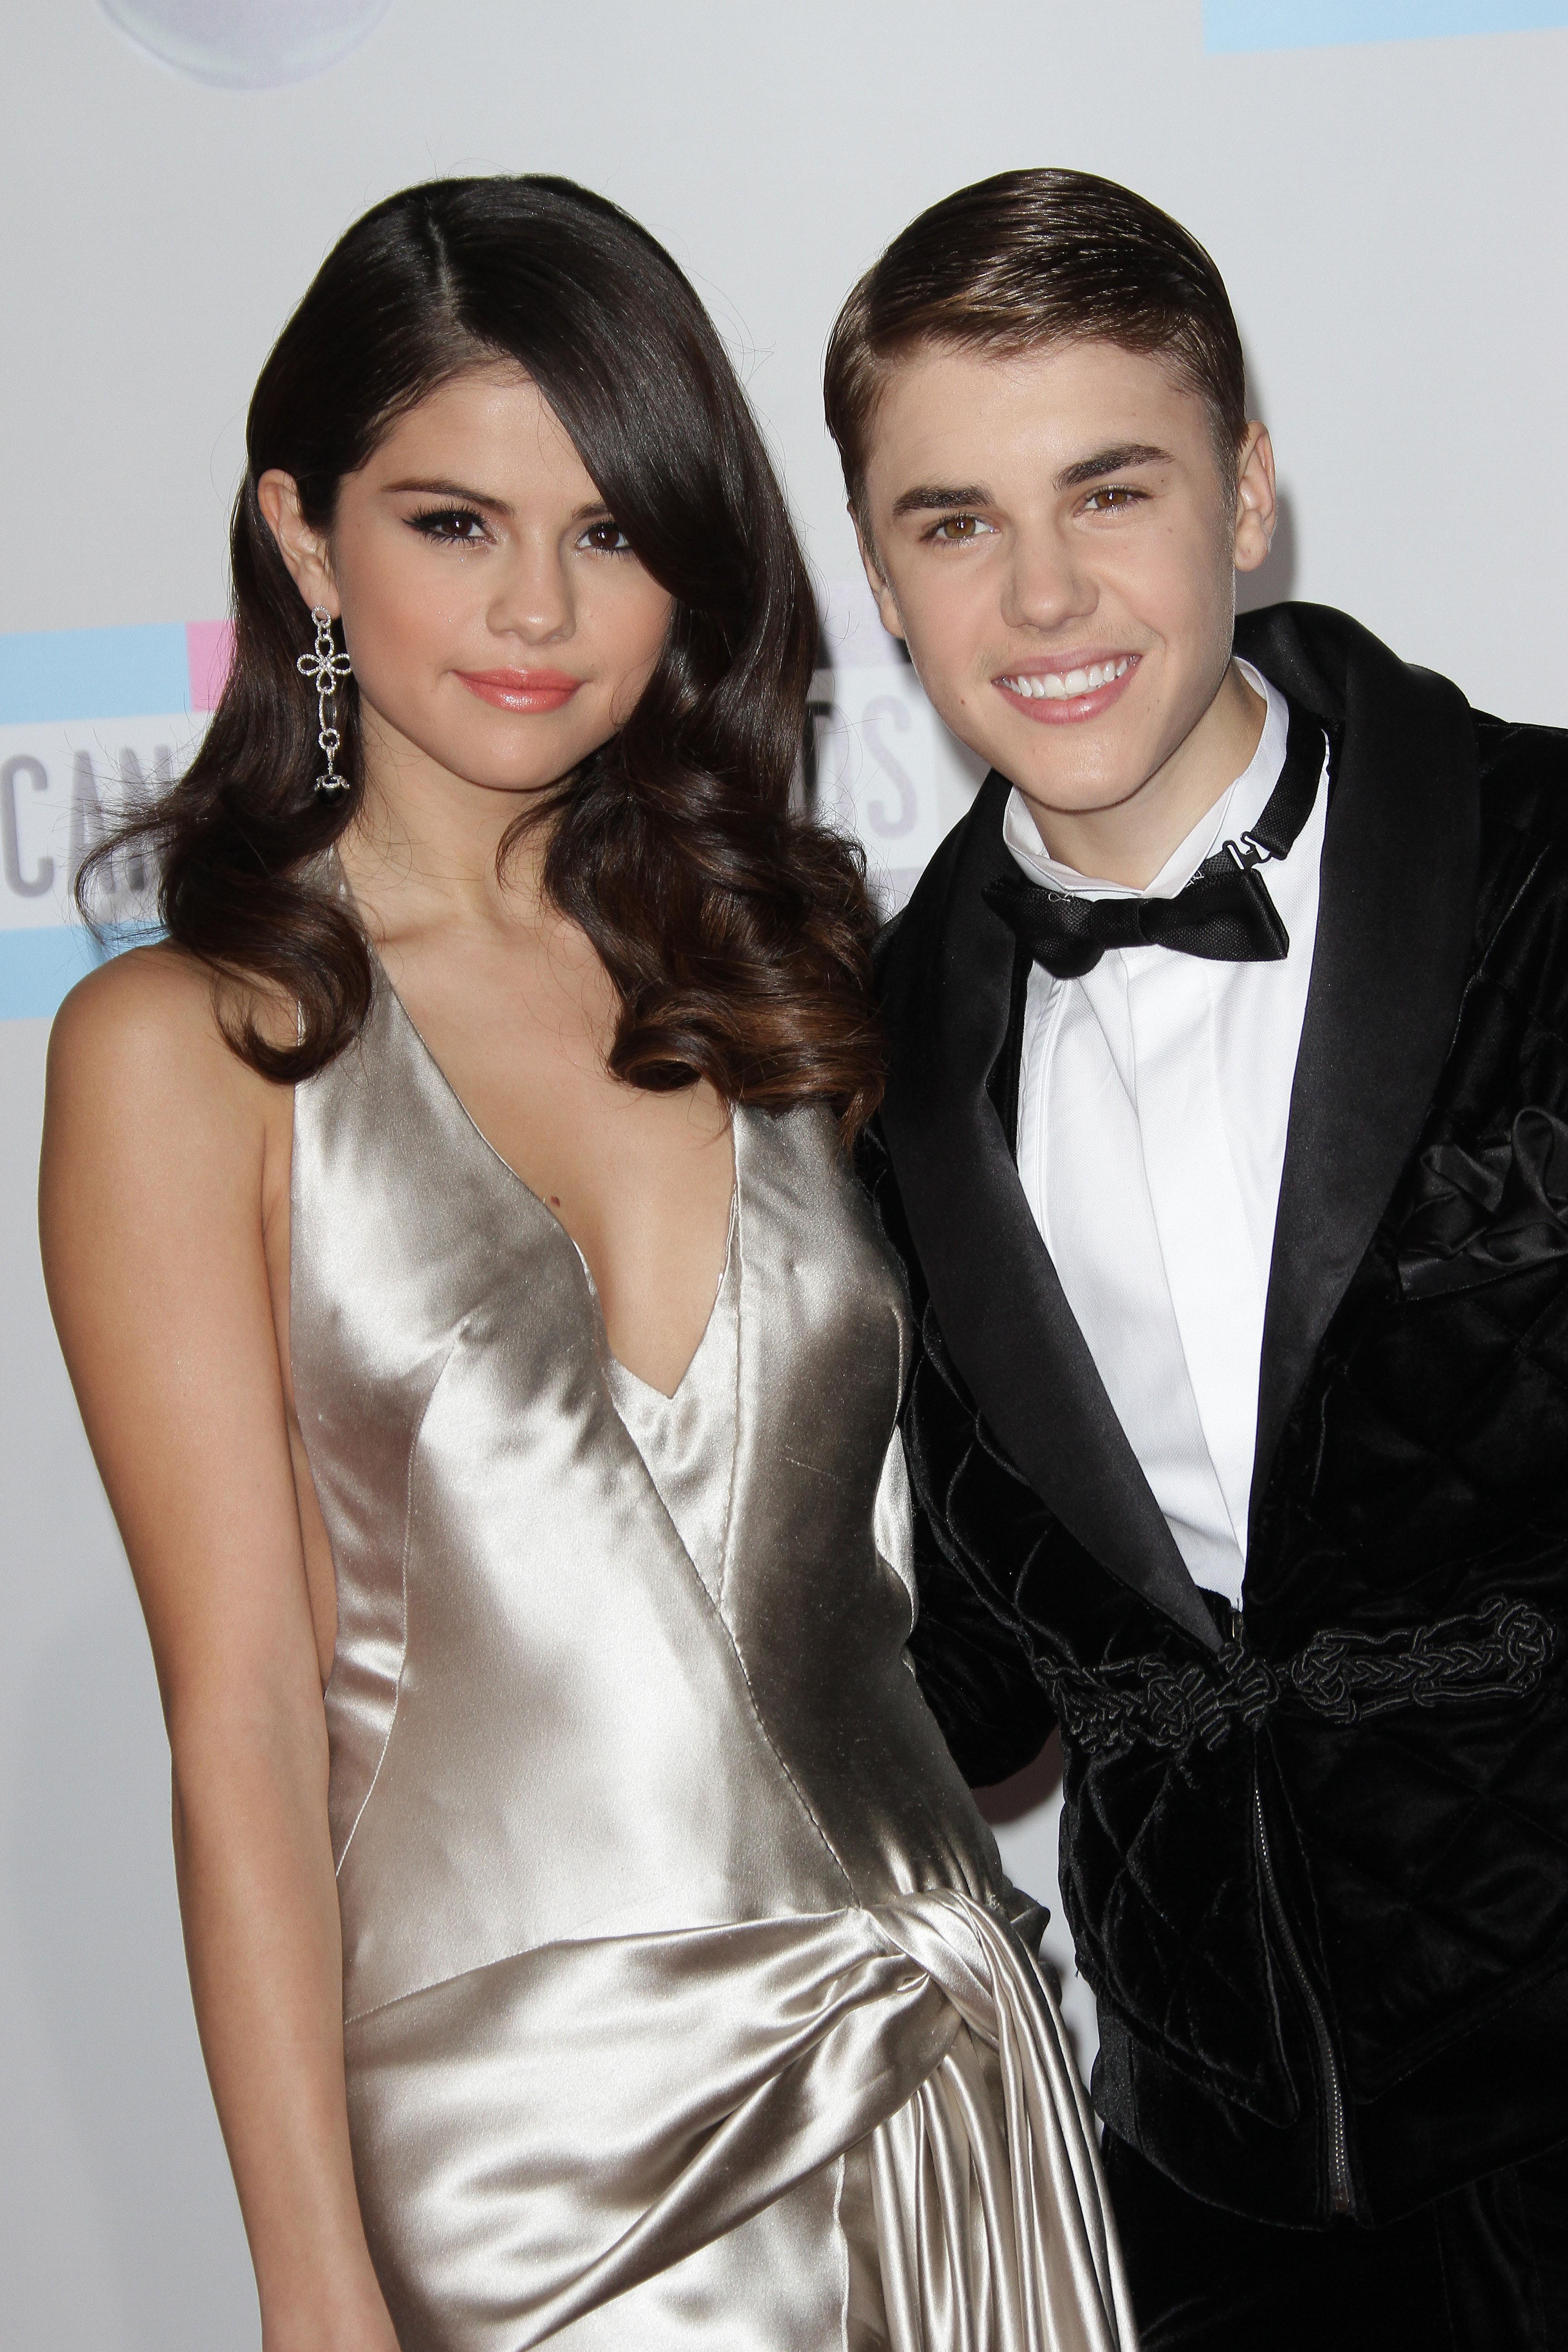 är Justin dating Selena 2013